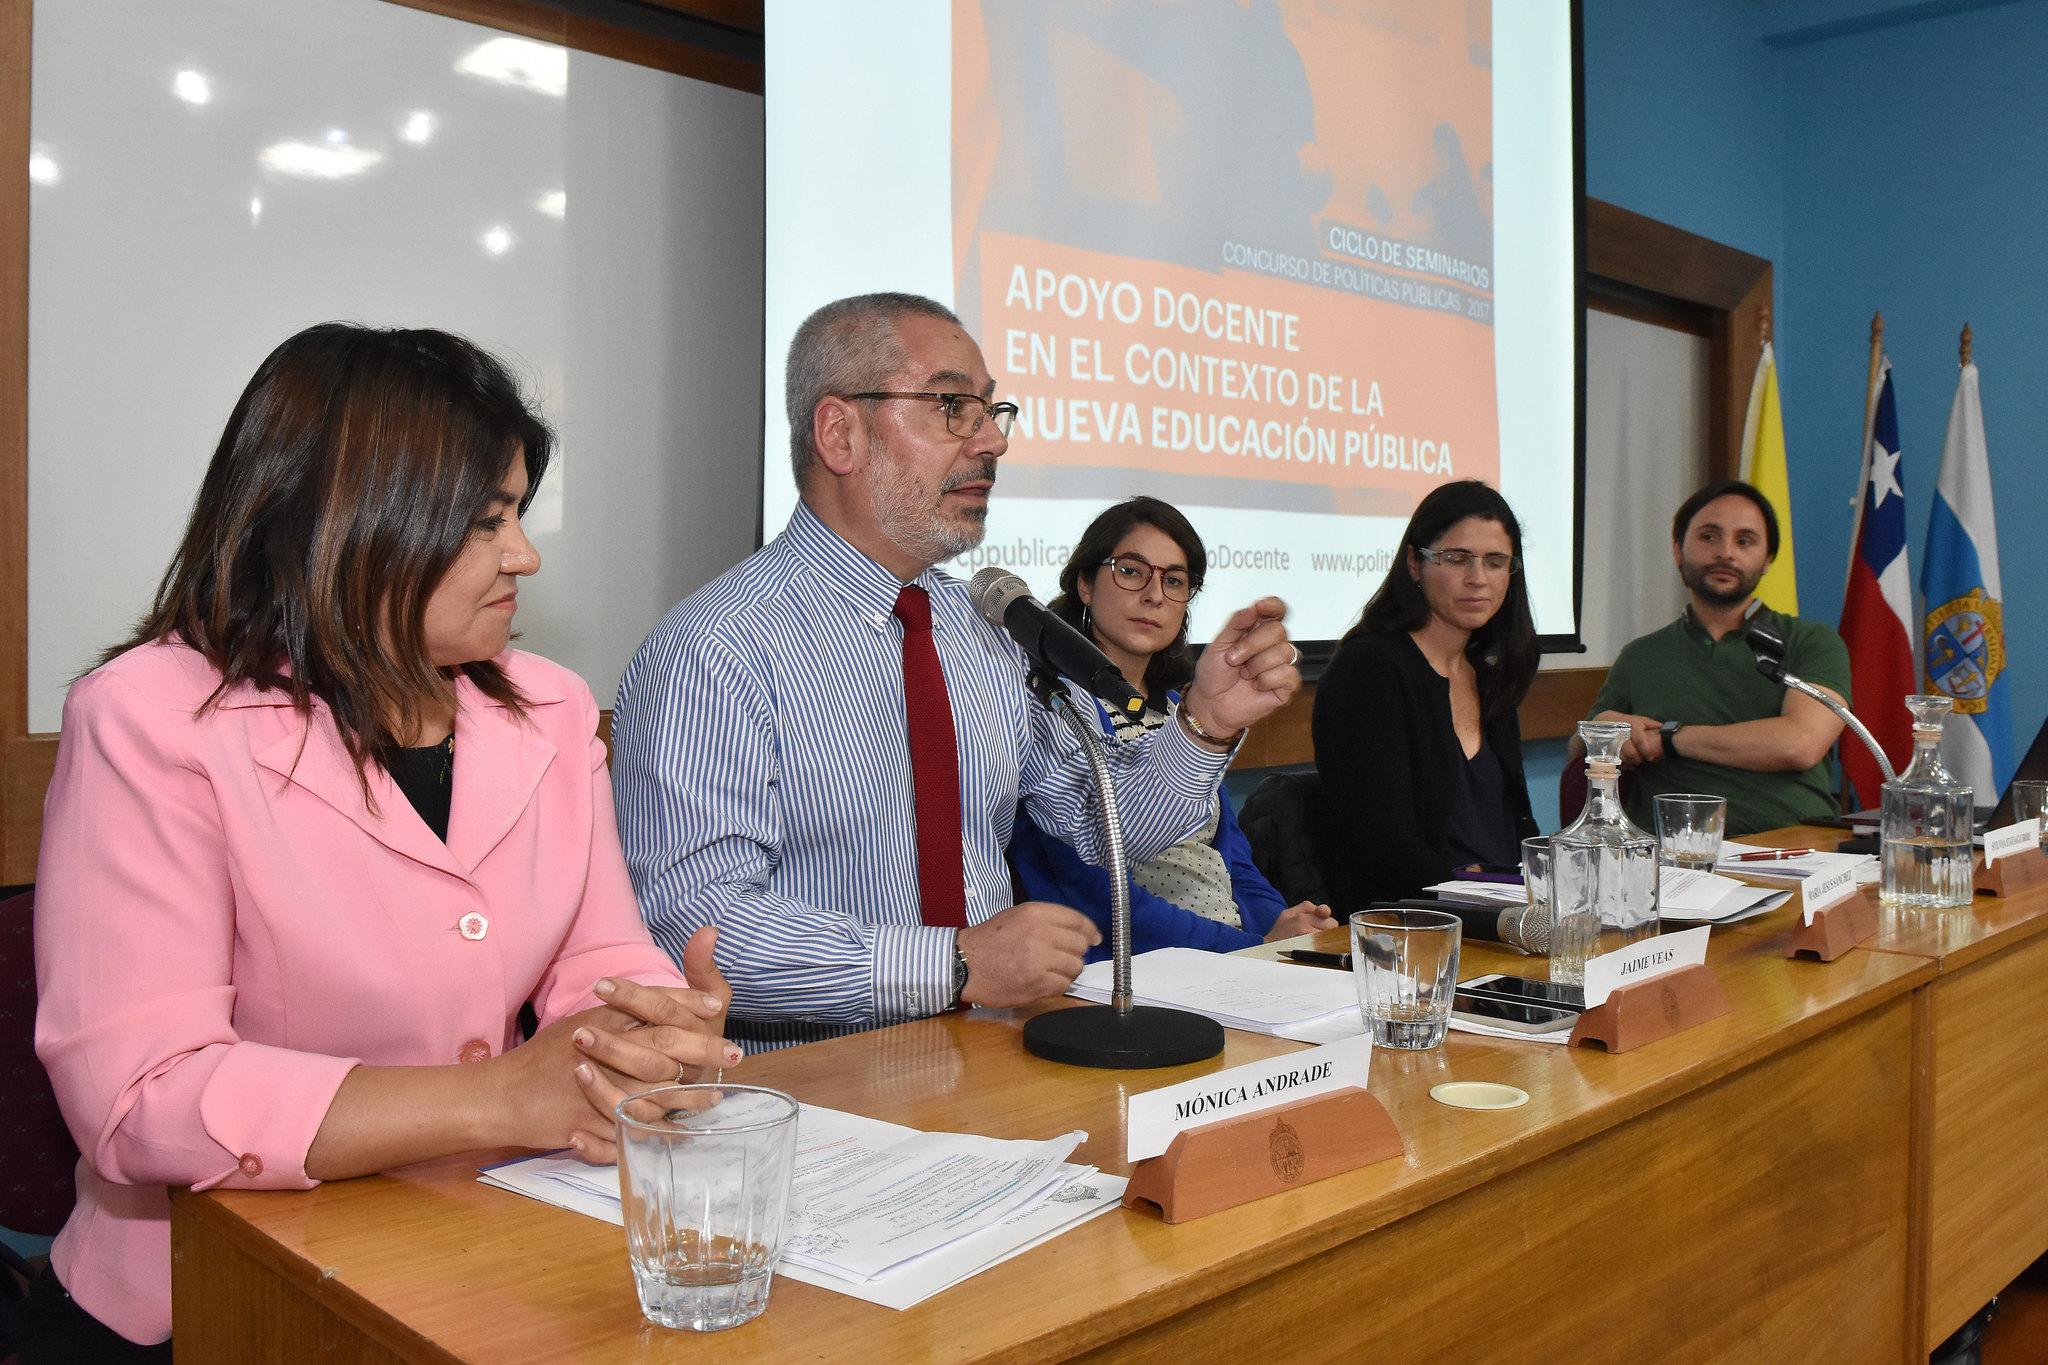 """SEMINARIO """"Apoyo docente en el contexto de la nueva educación pública"""""""